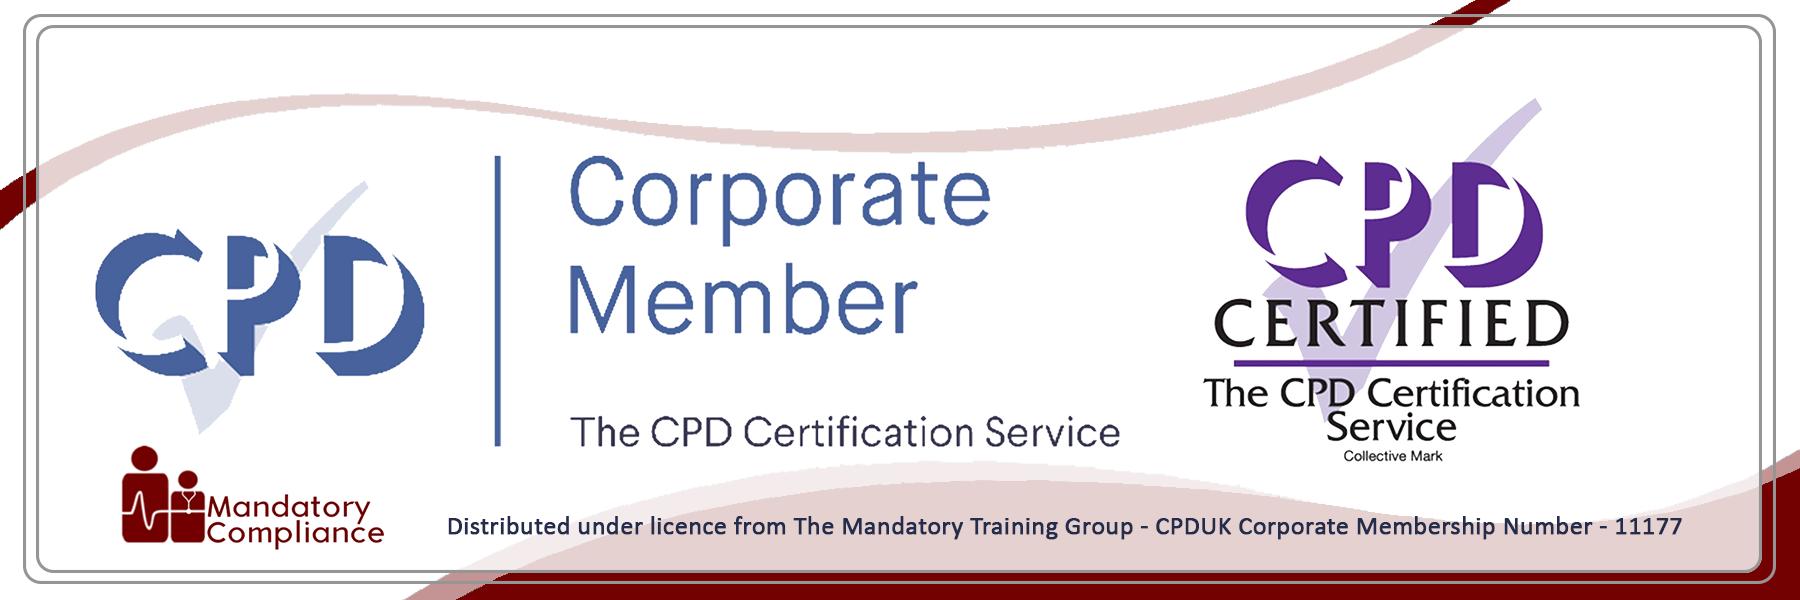 Mandatory Training for Locum Doctors - E-Learning Courses - Mandatory Compliance UK -